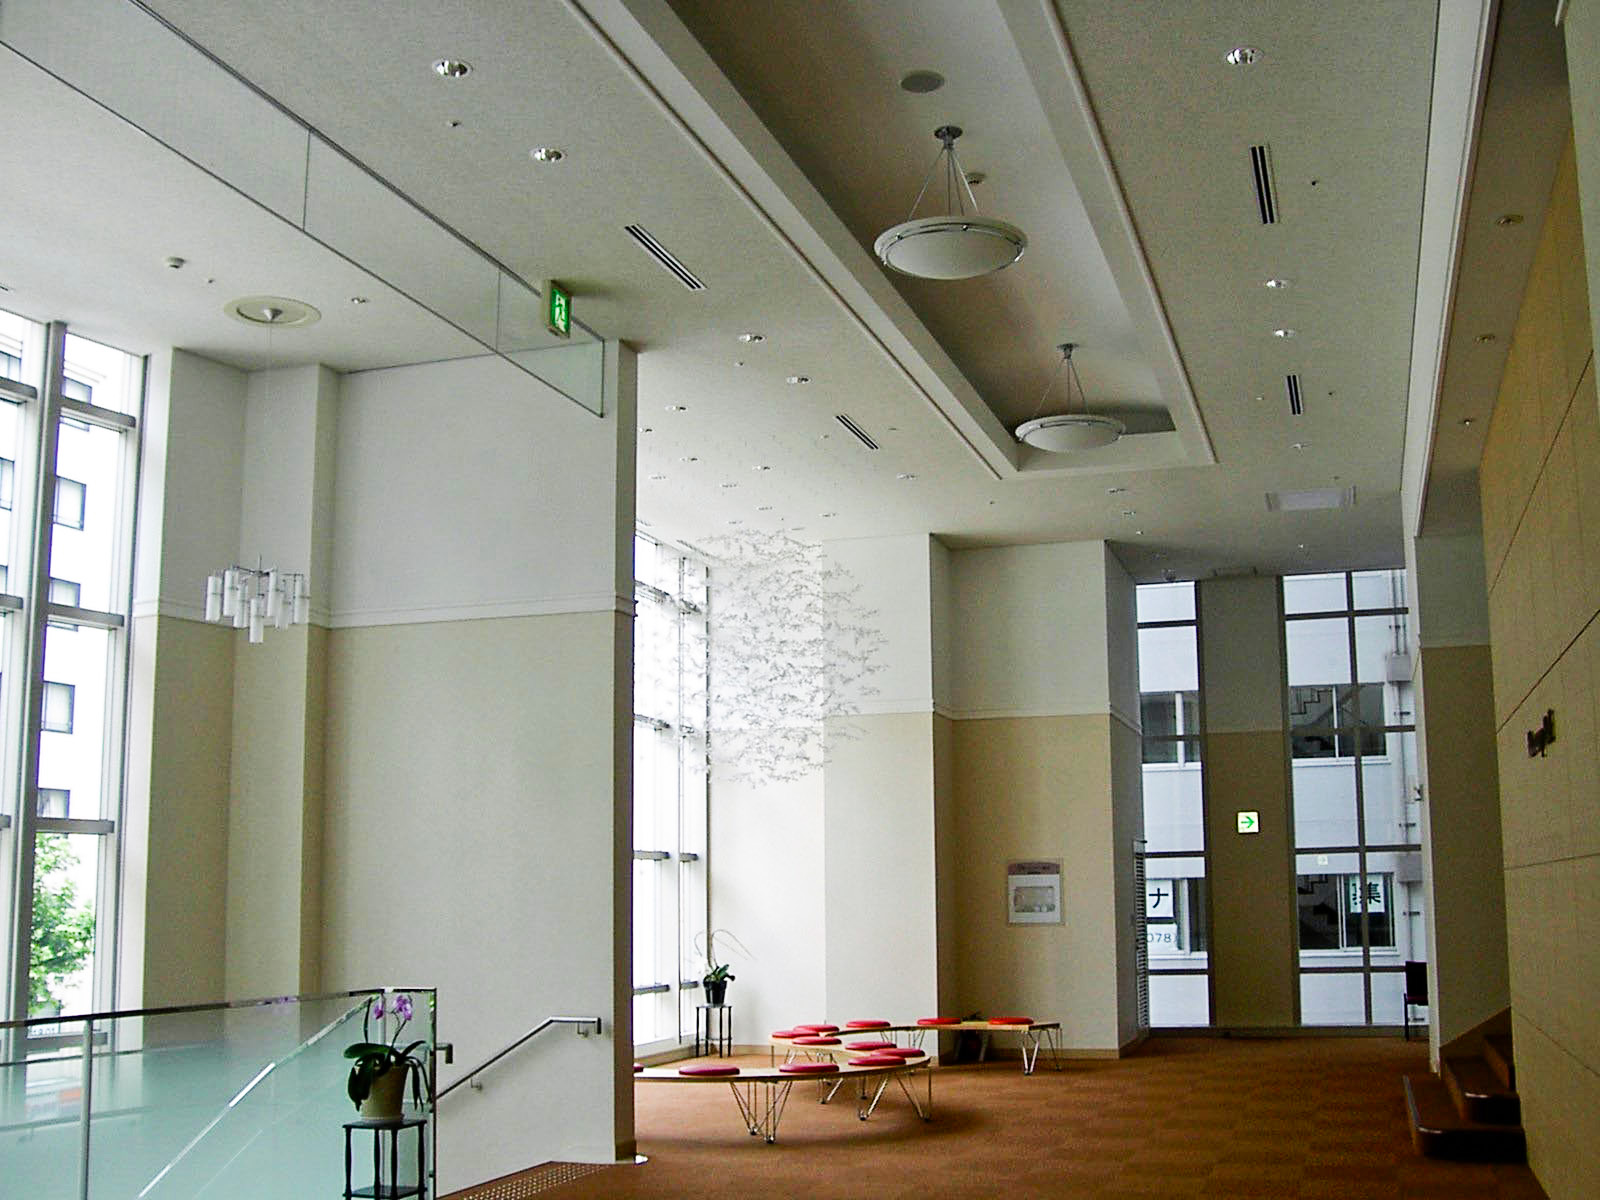 ホスピタルアート 兵庫看護協会